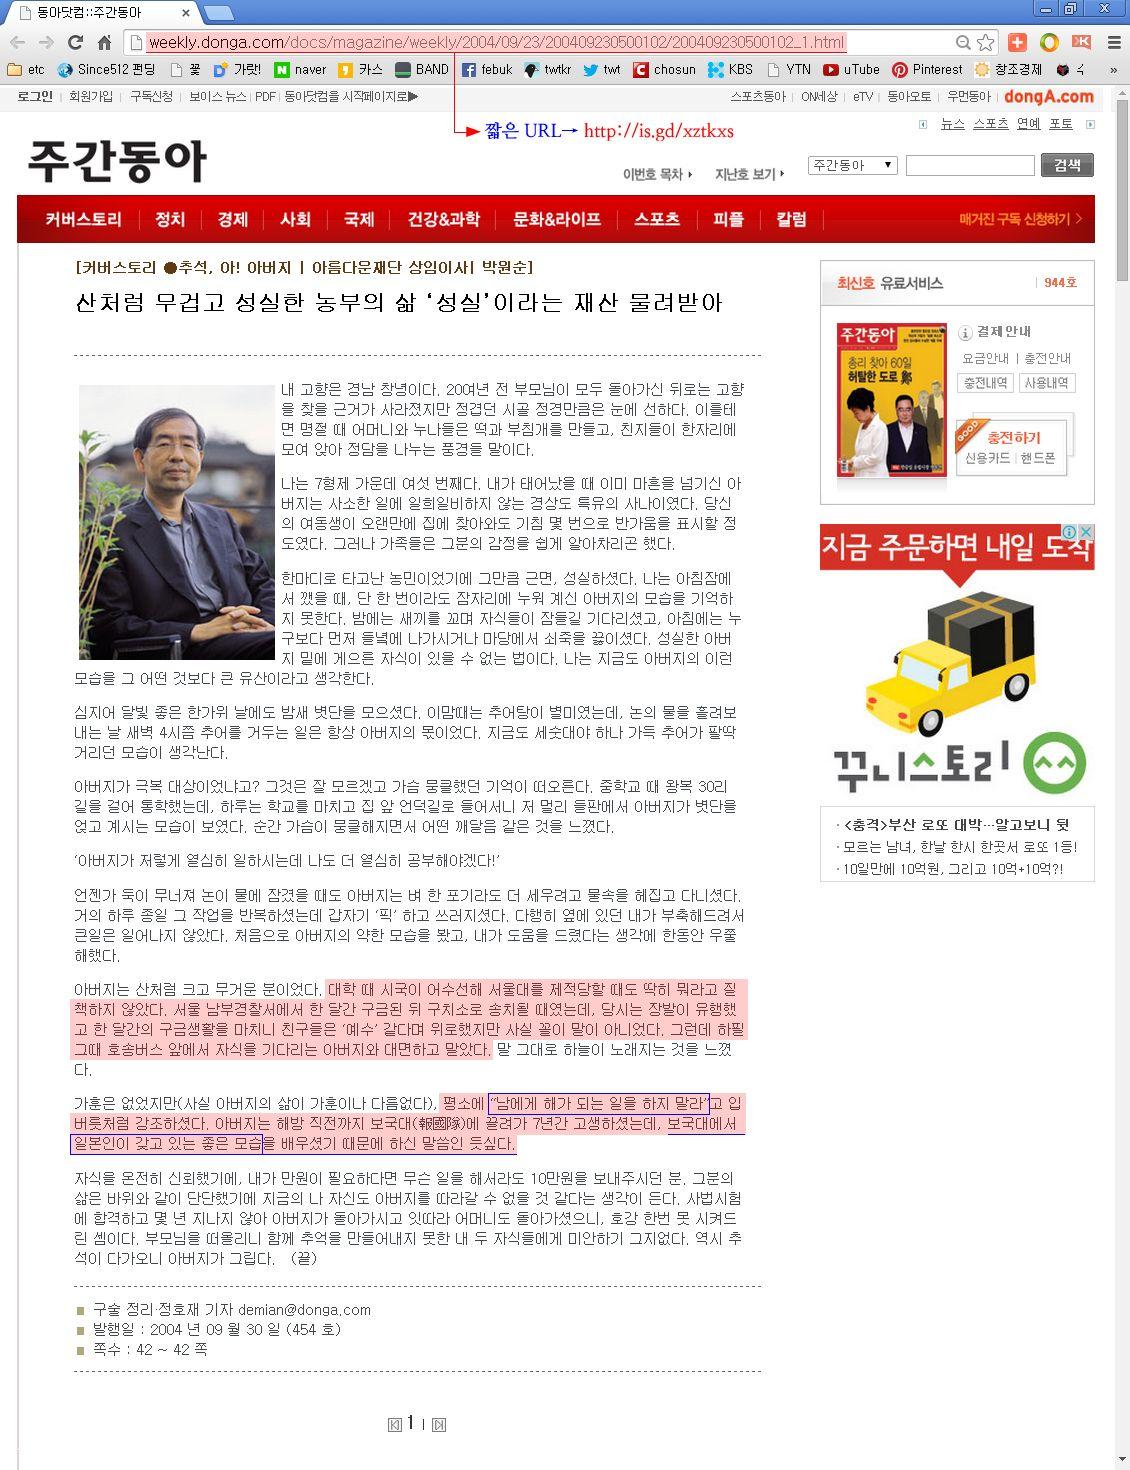 박원순 병역비리 단서 ※관련기사 : 주간동아→ http://is.gd/xztkxs